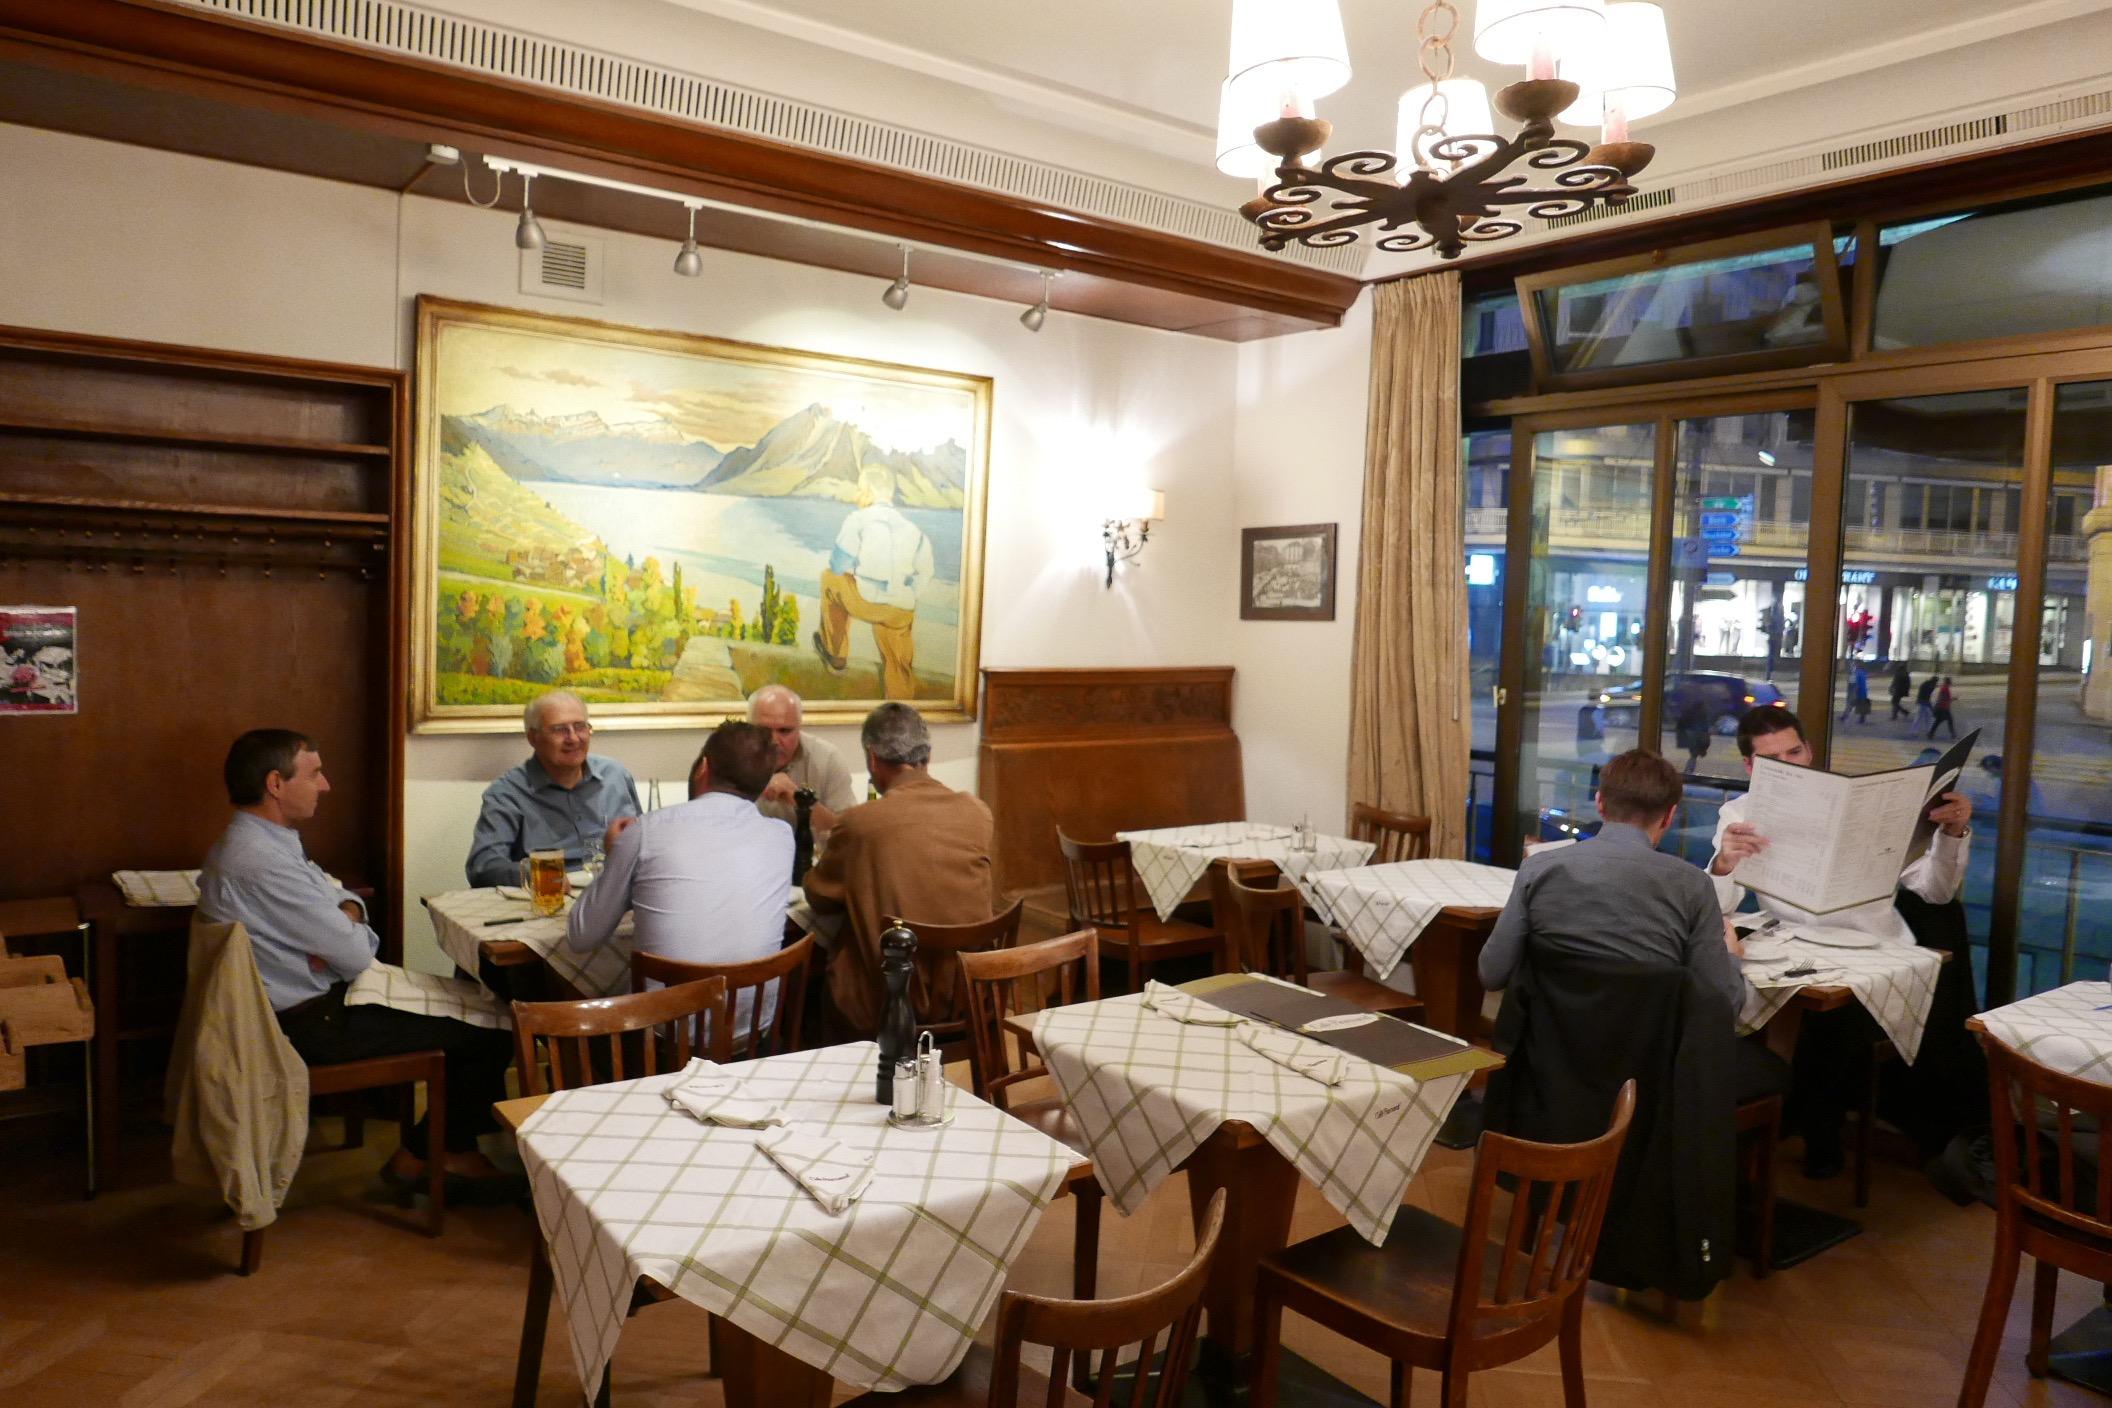 Caf romand caf lausanne une halte au caf romand rendez vous - Restaurant le patio rodez ...